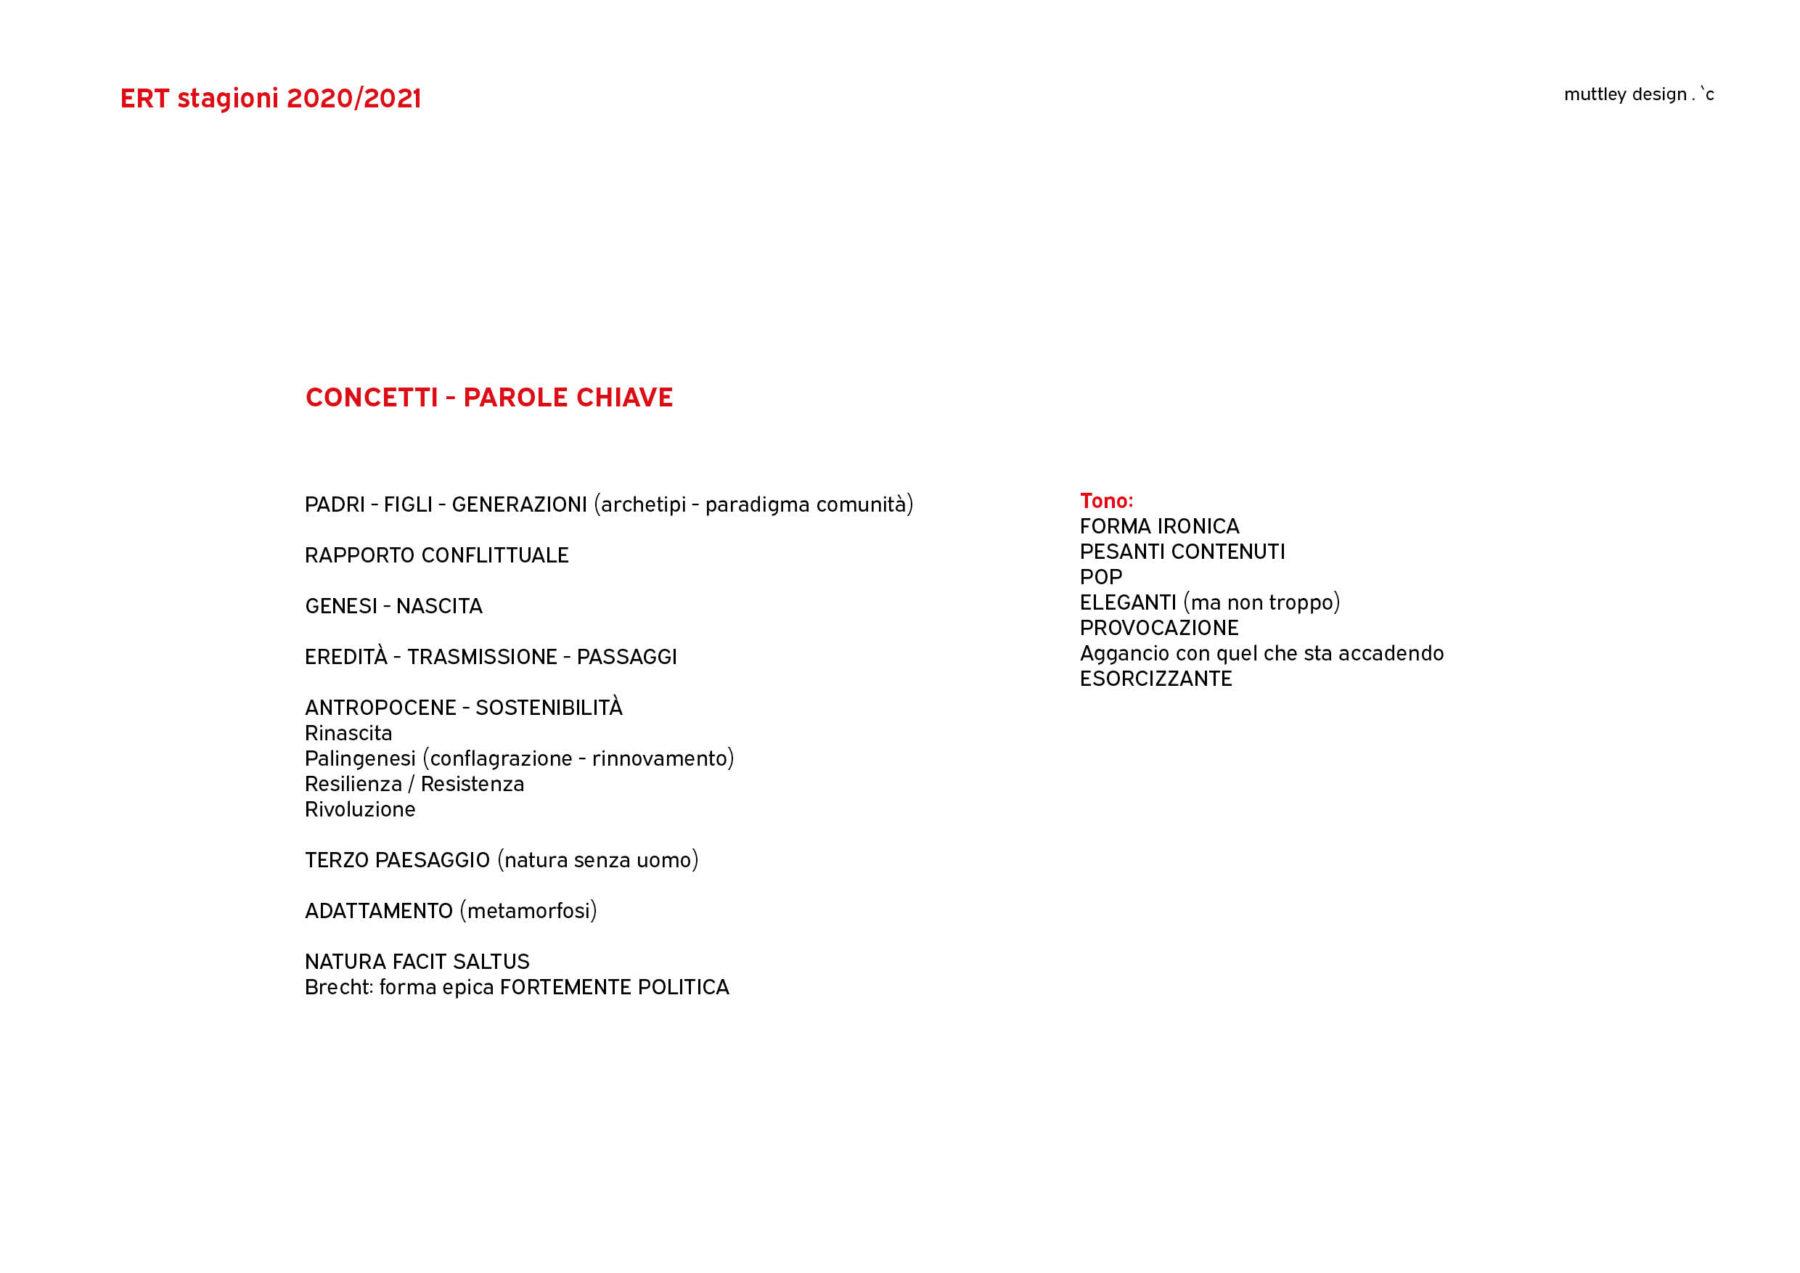 presentazione ERT 2